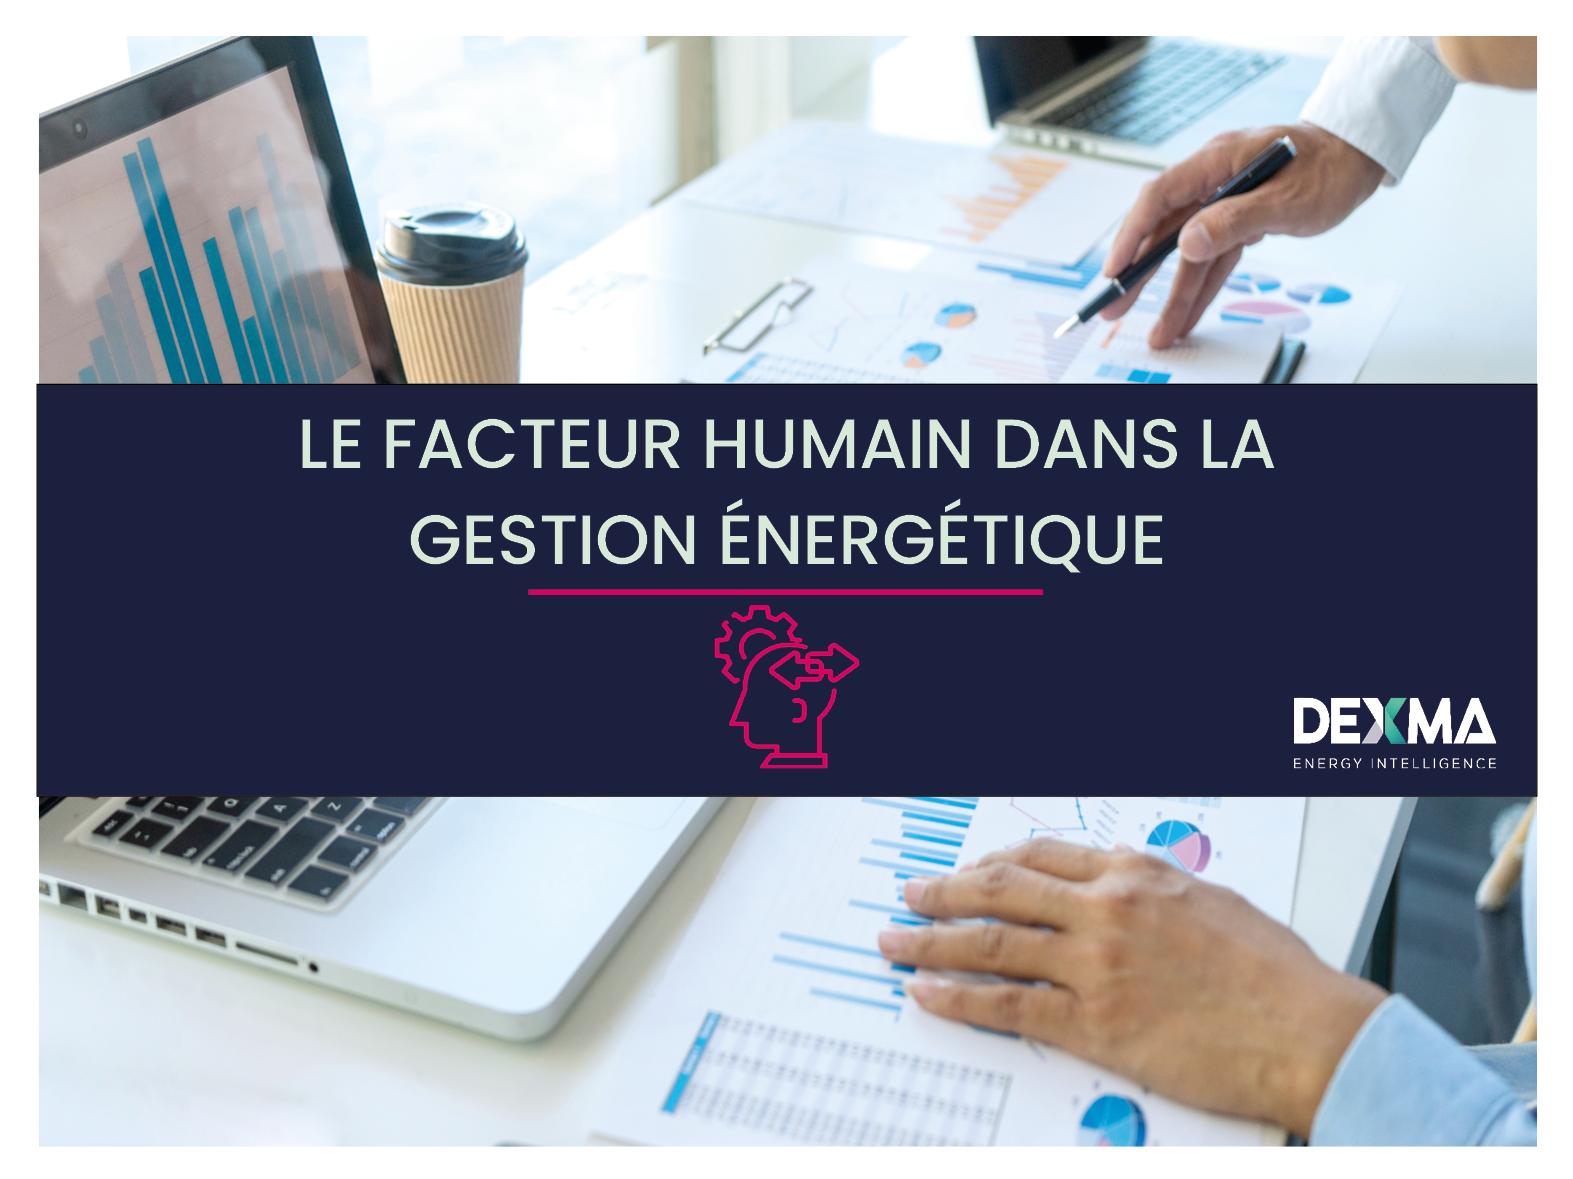 le facteur humain dans la gestion énergétique